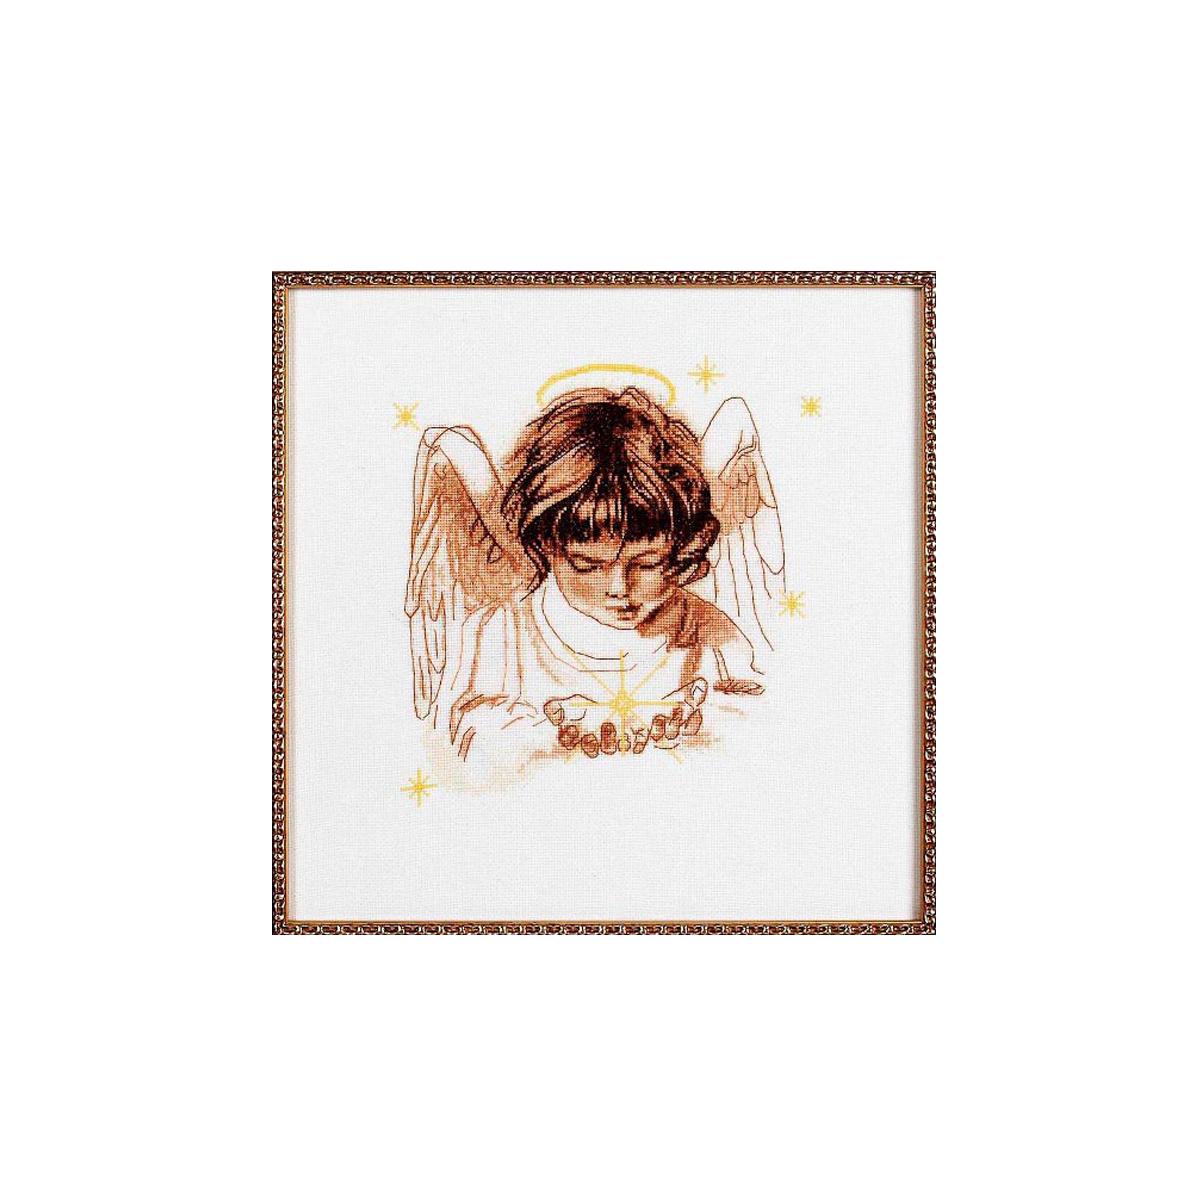 Набор для вышивания Alisena Звездочка в ладошках, 22 x 22 см383104